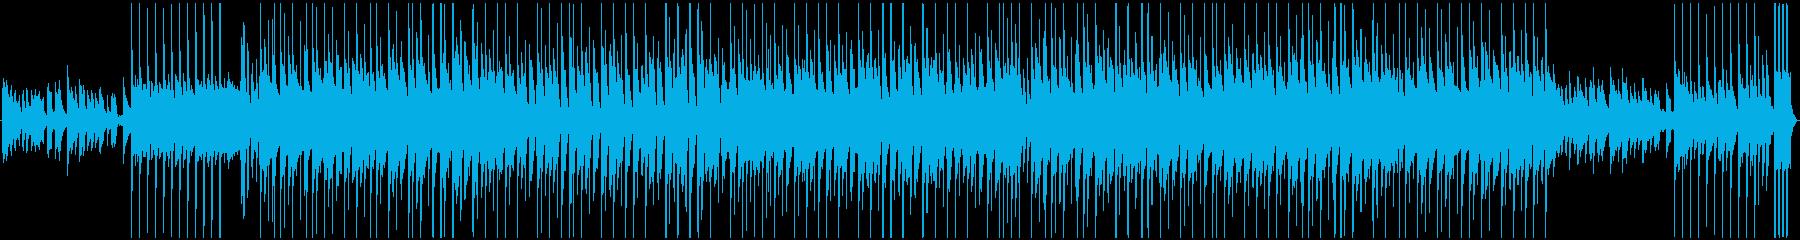 ゴキゲンでワクワクするBGMの再生済みの波形